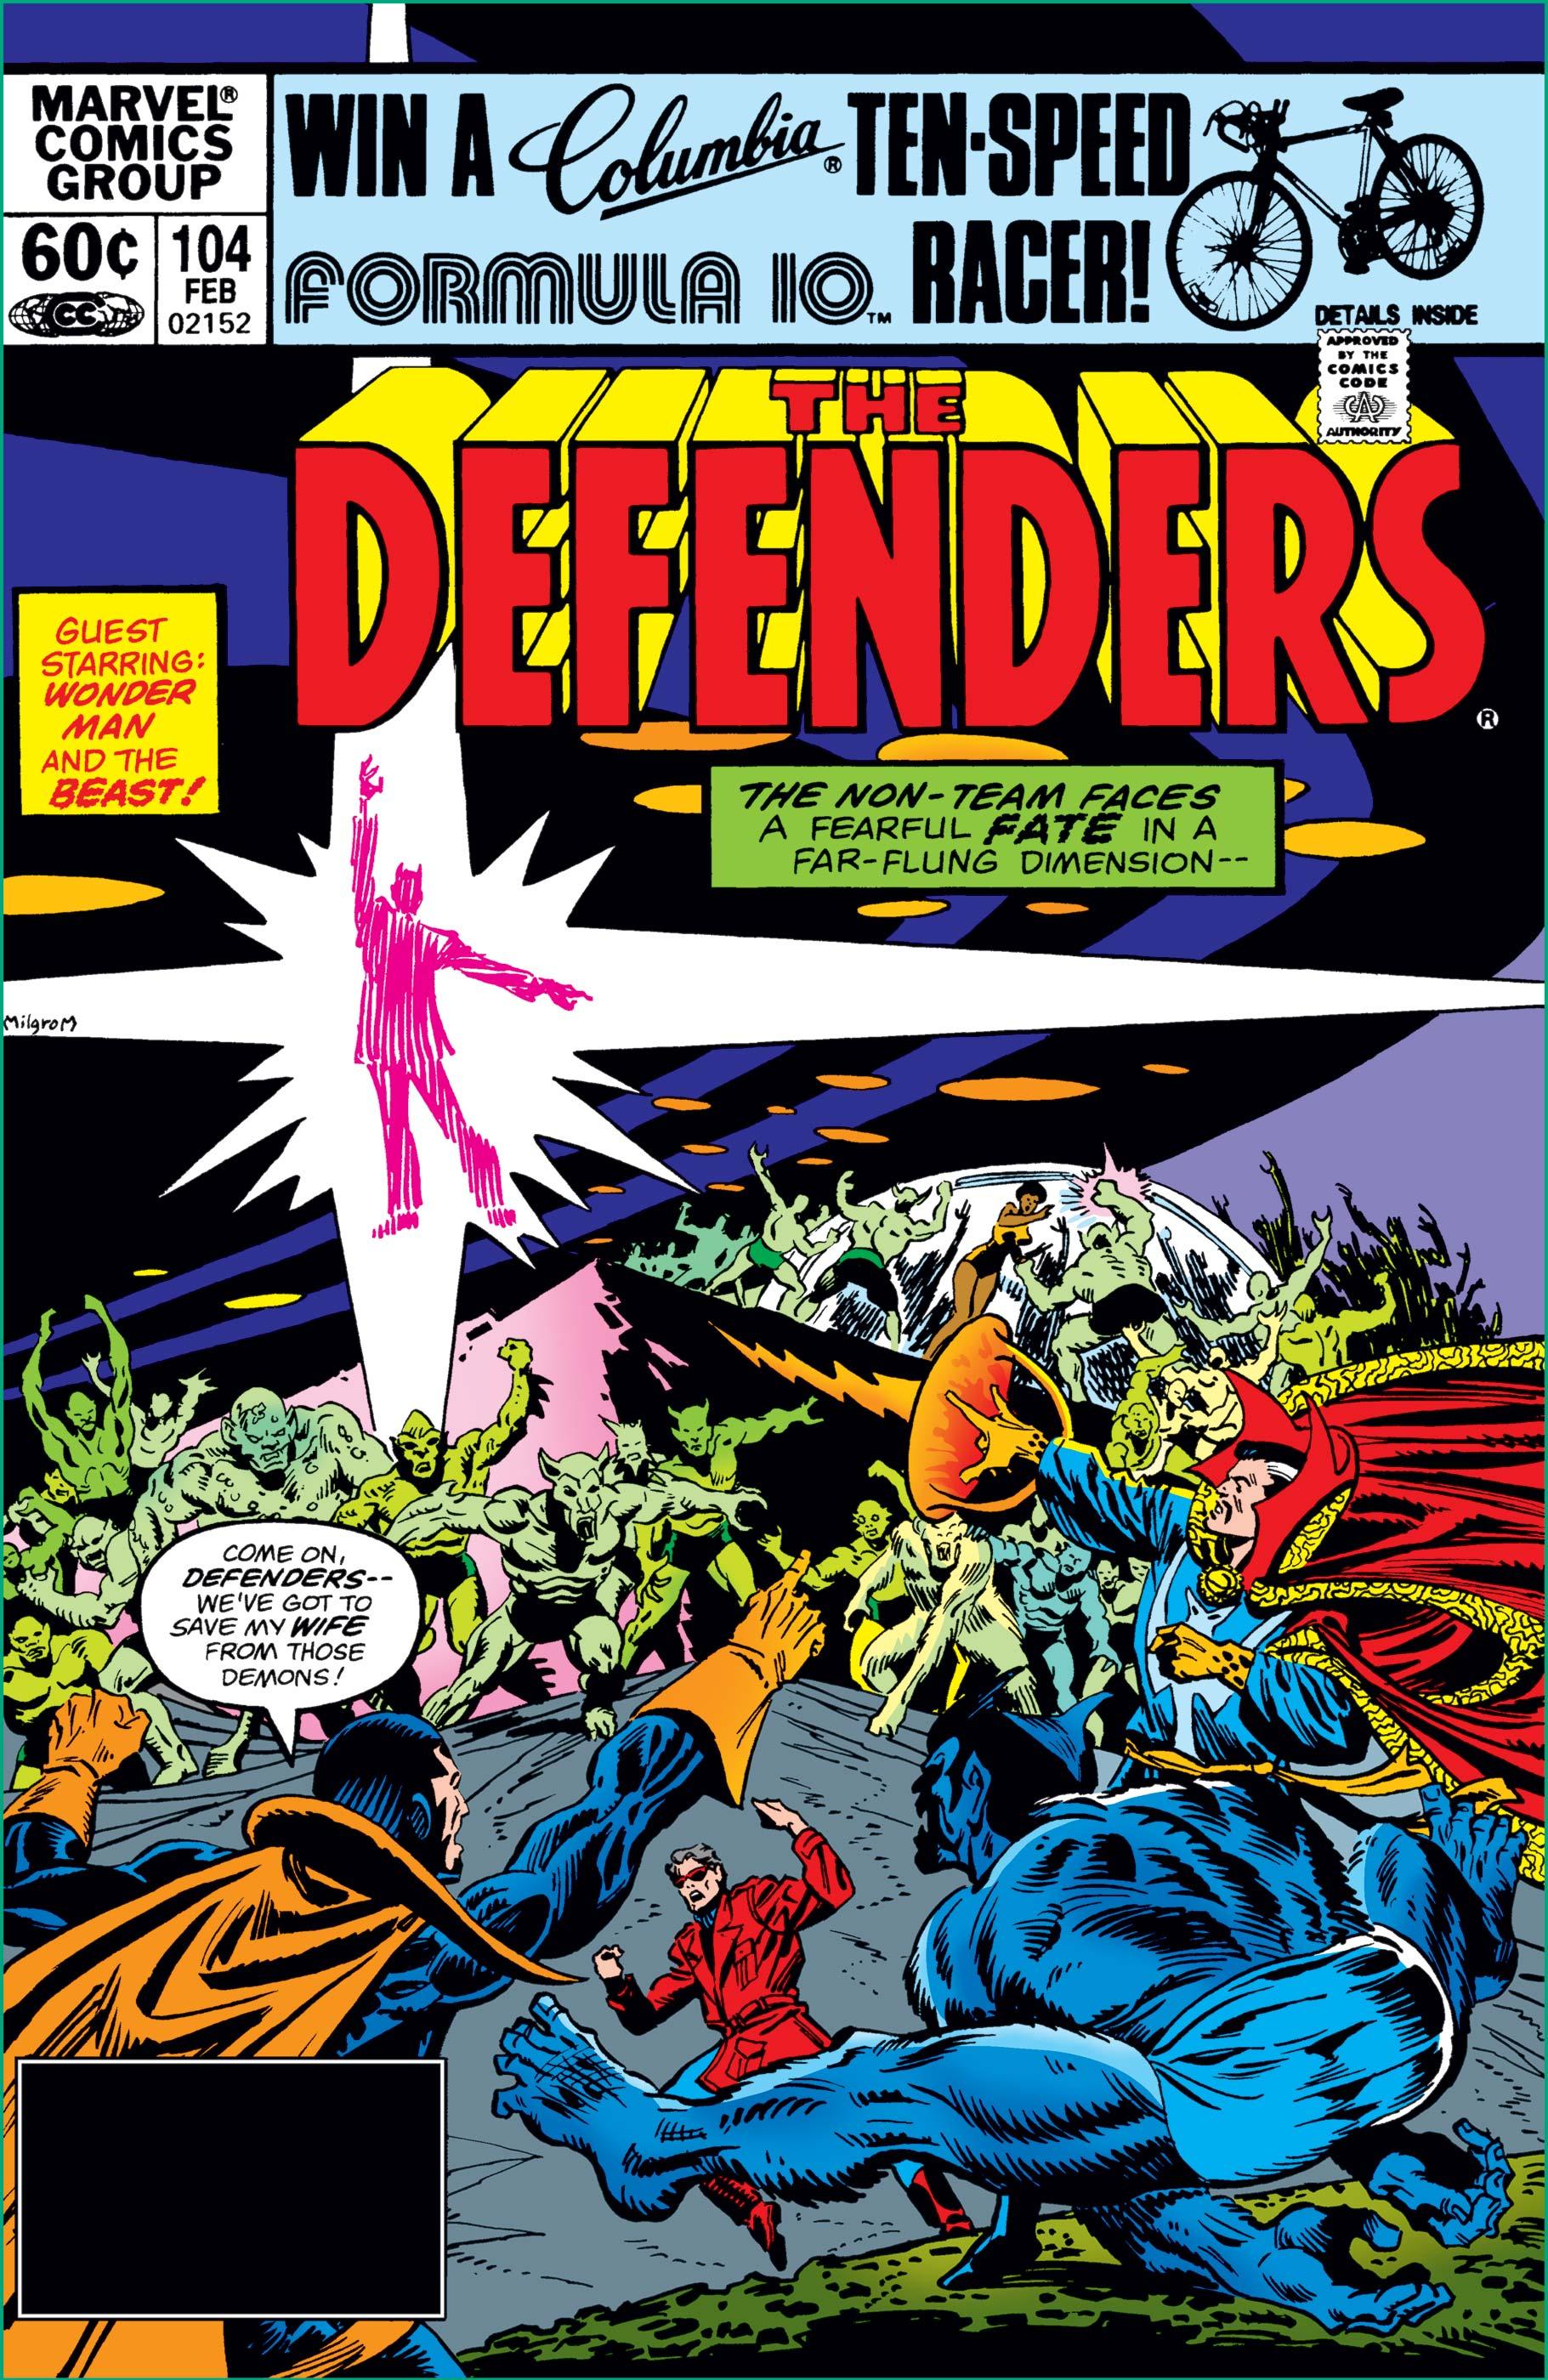 Defenders (1972) #104